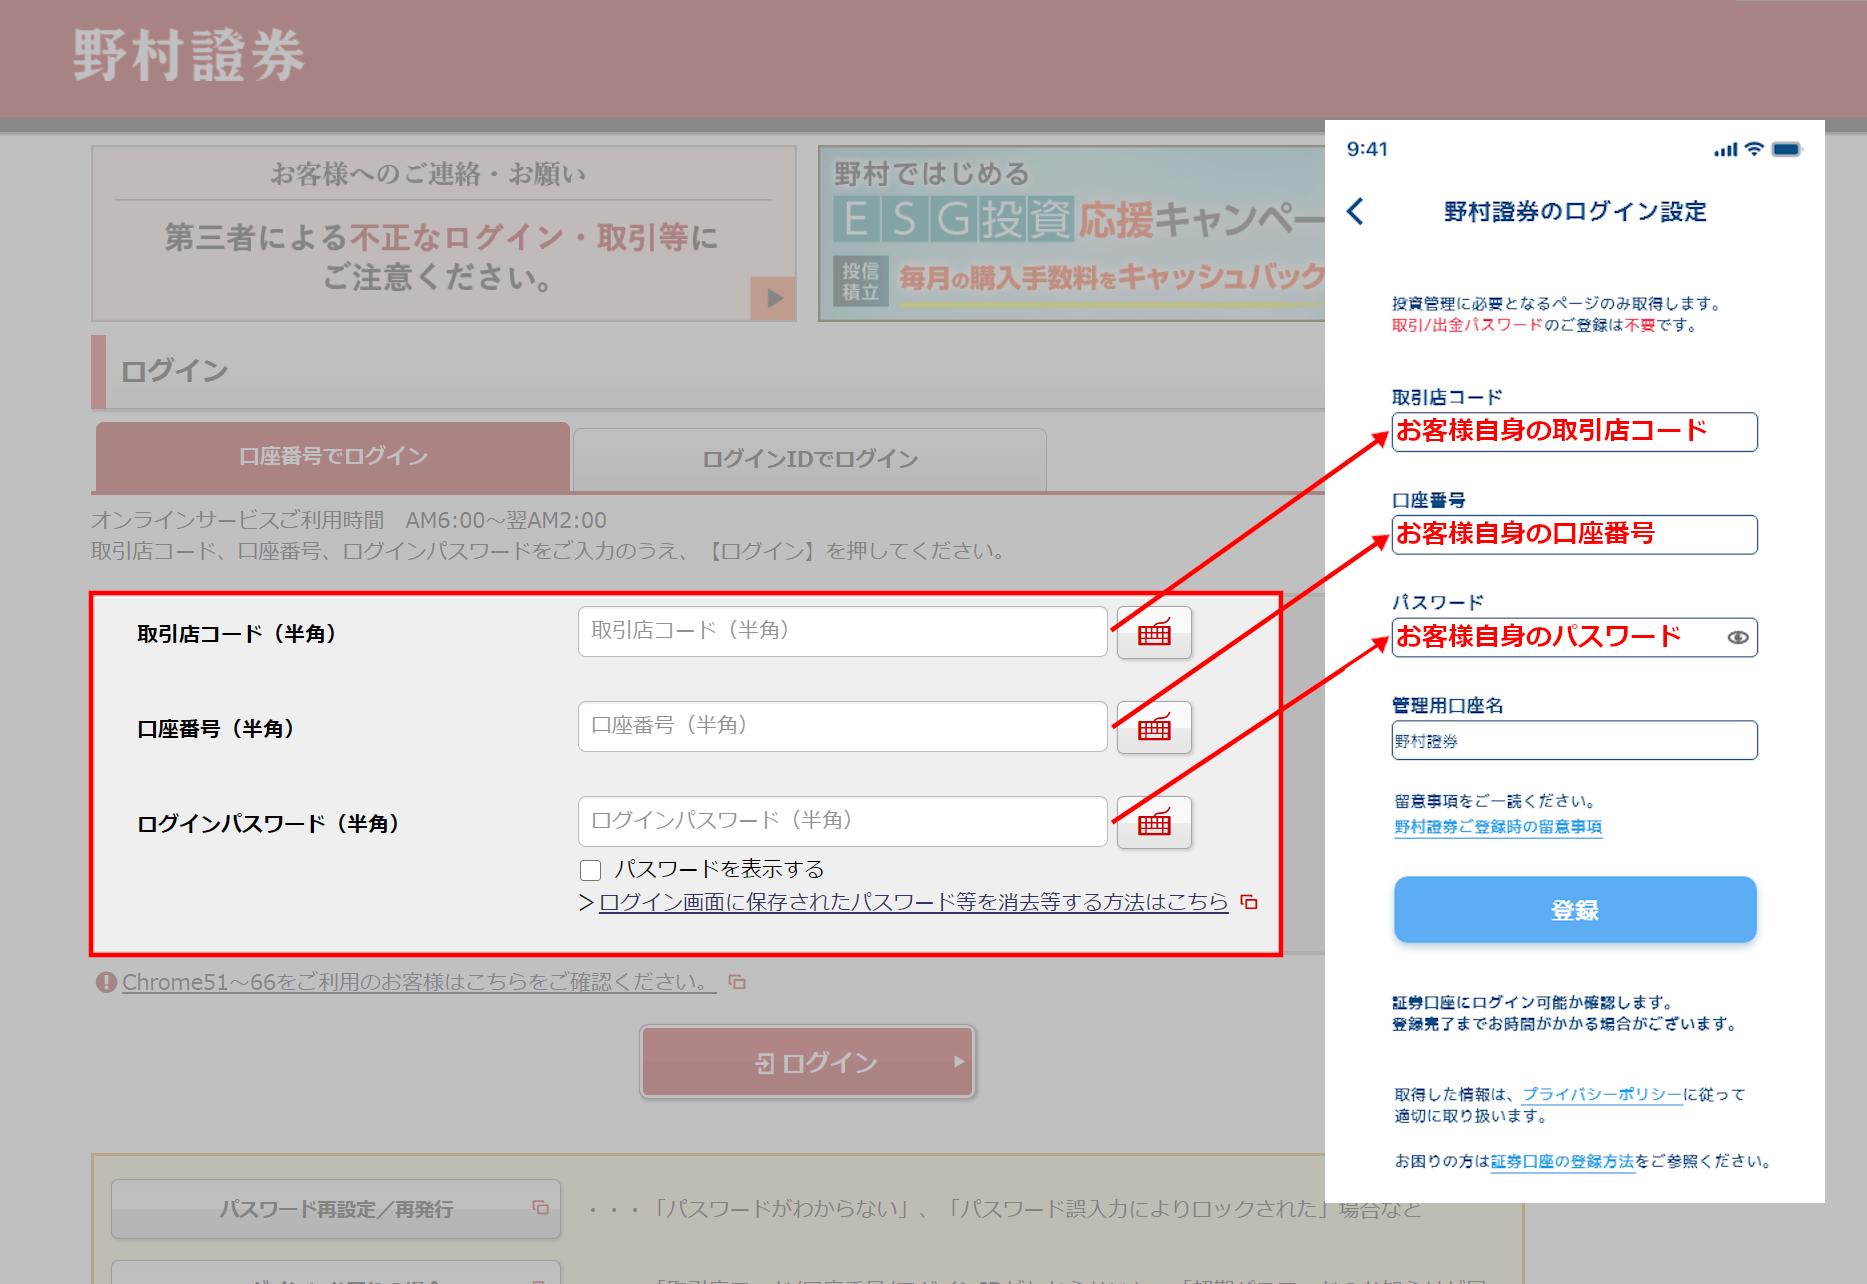 野村 證券 オンライン サービス ログイン